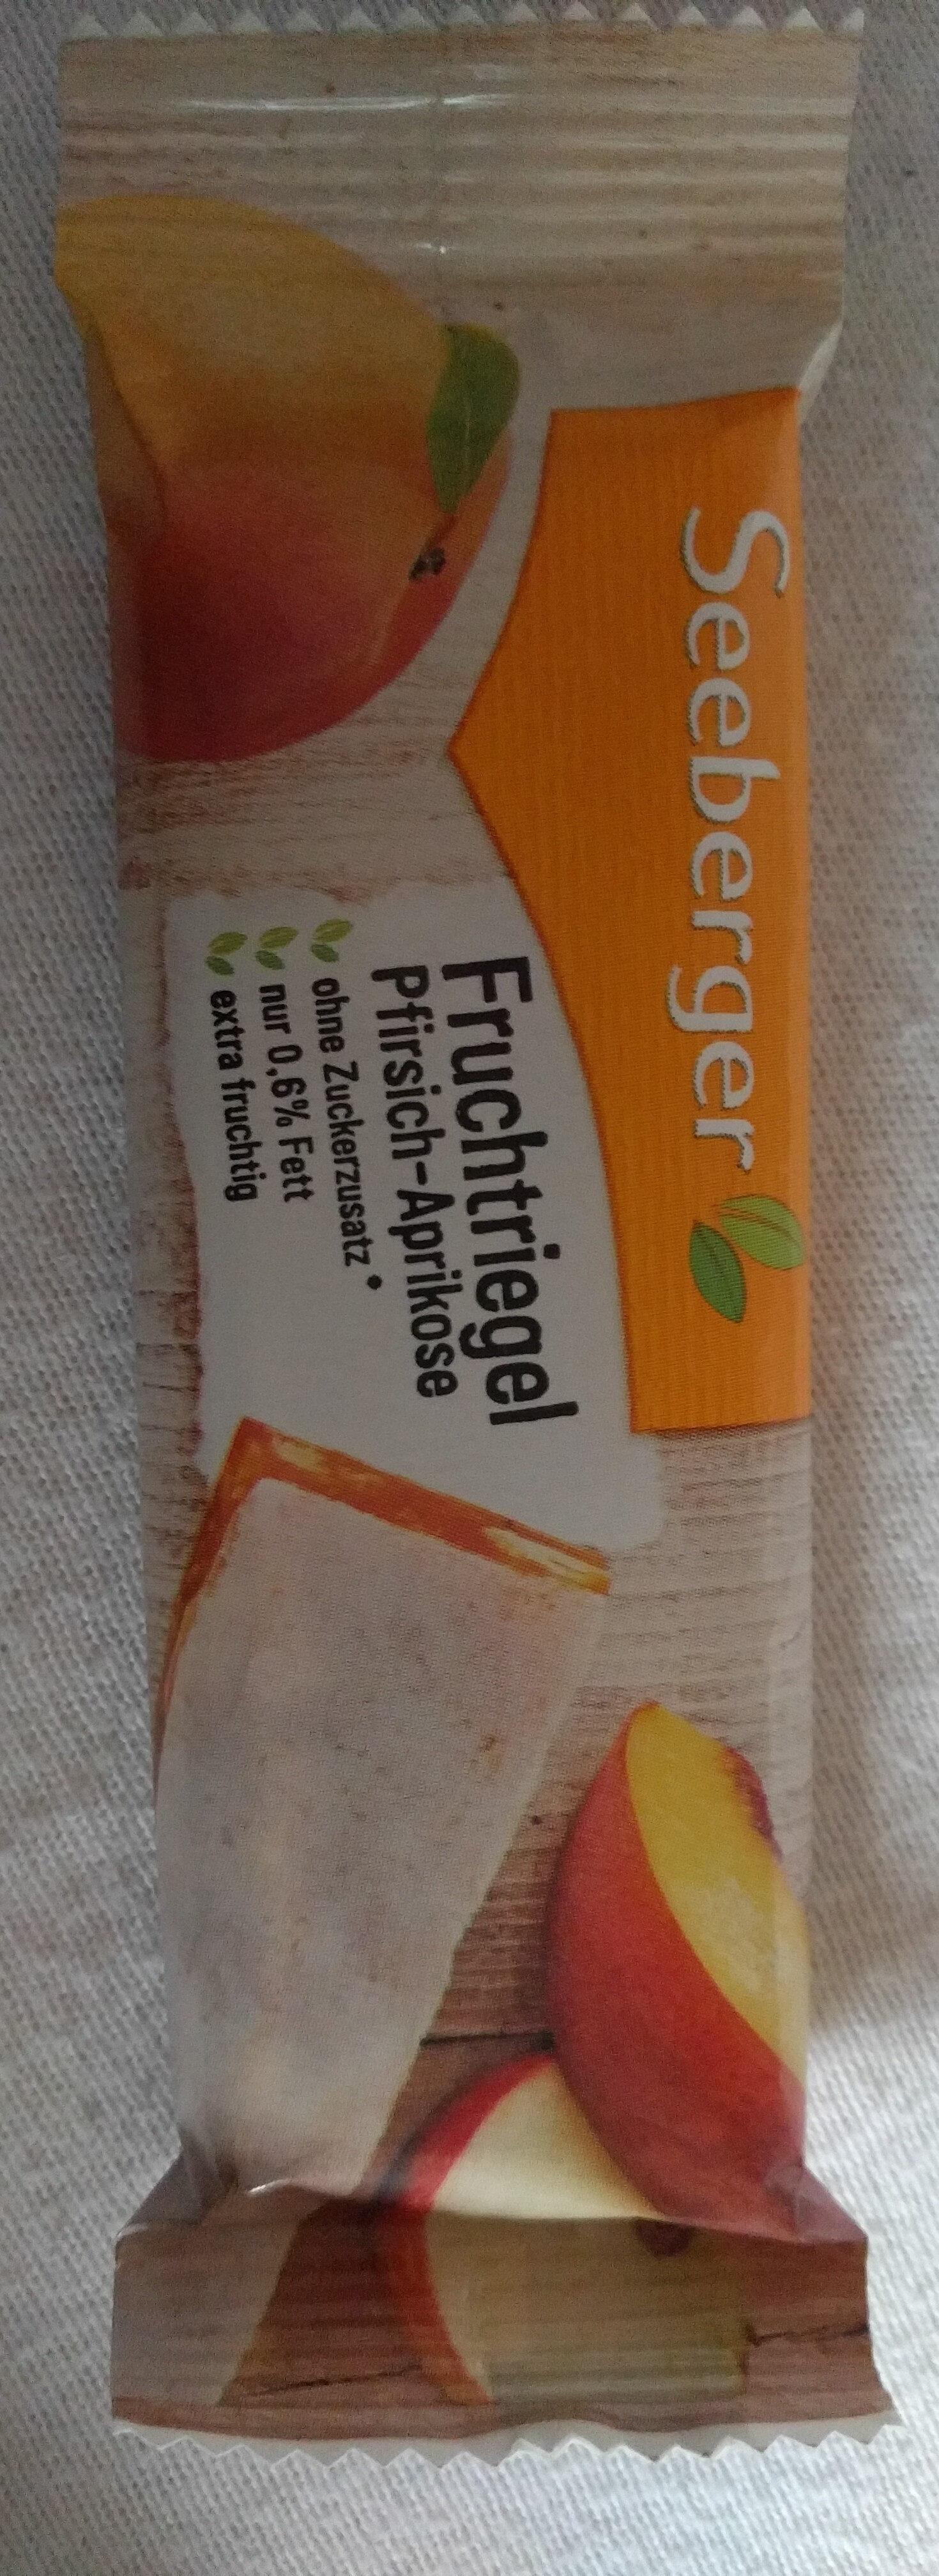 Seeberger Fruchtriegel Pfirsich-aprikose - Produit - de